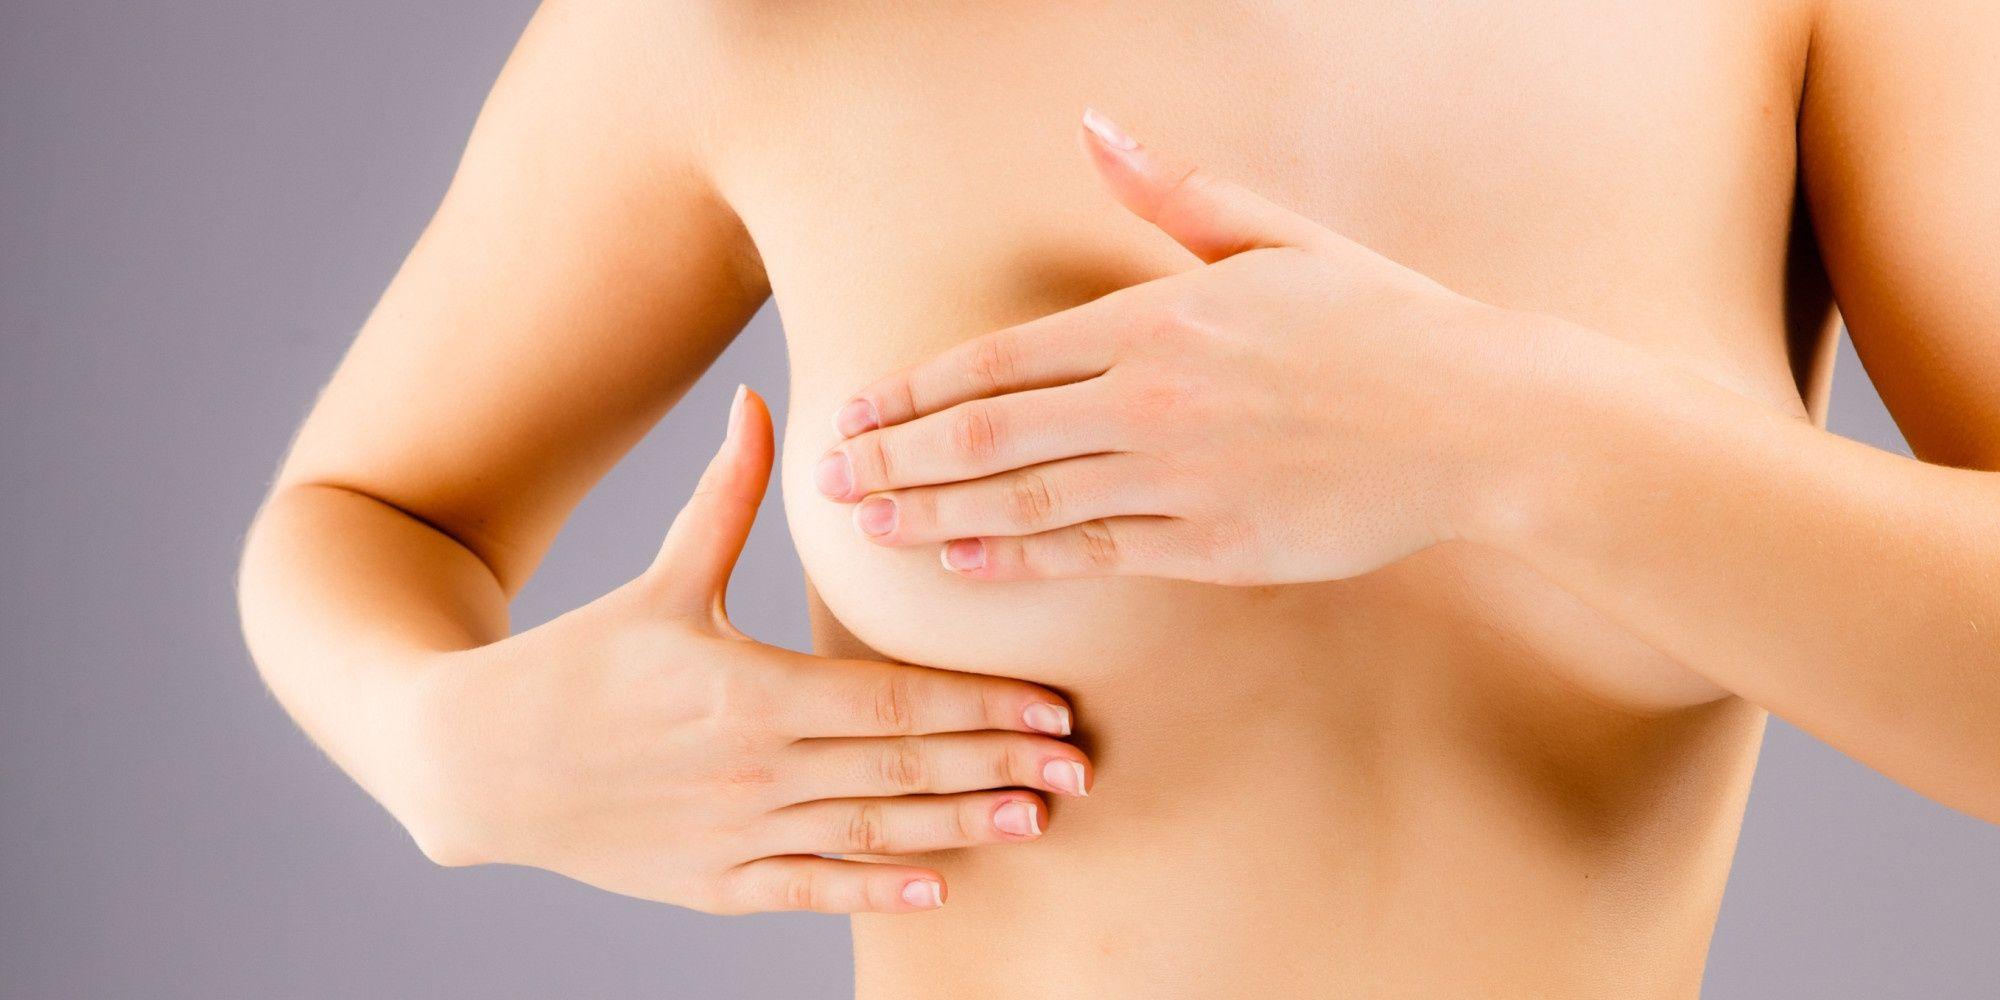 Đau vú, sưng vú, núm vú tiết dịch bất thường,... là những dấu hiệu ung thư vú